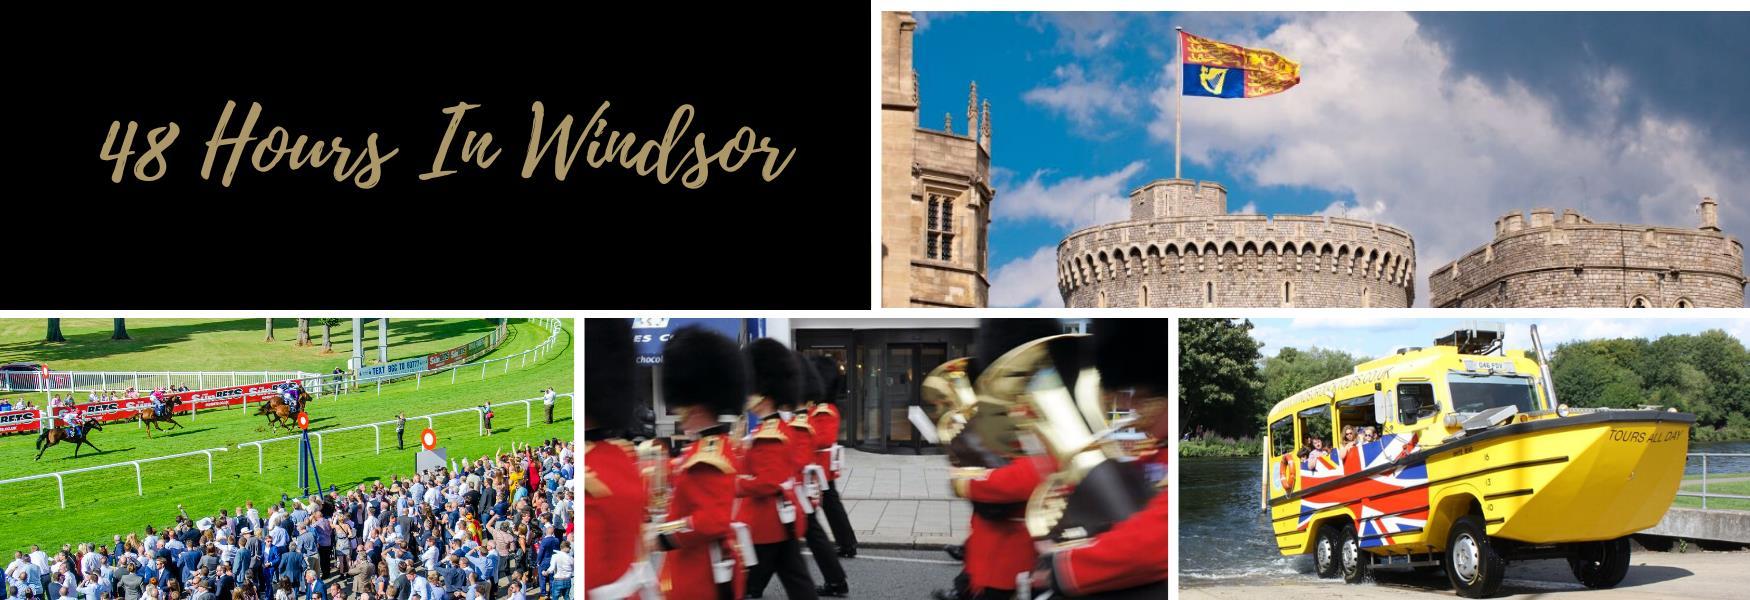 48 hours in Windsor